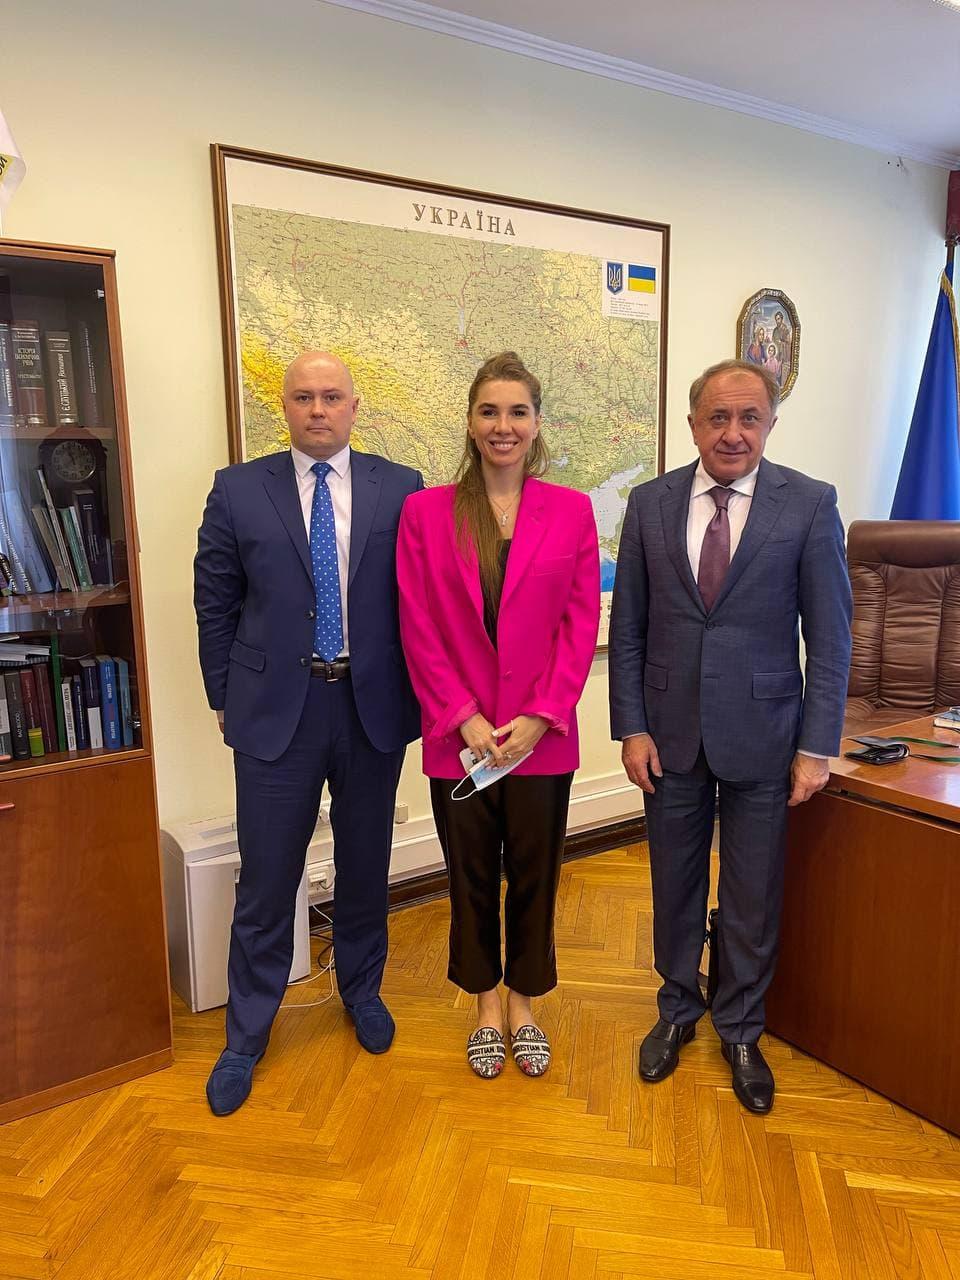 Правління IBOX Bank провело робочу зустріч з Головою Ради НБУ Богданом Данилишиним